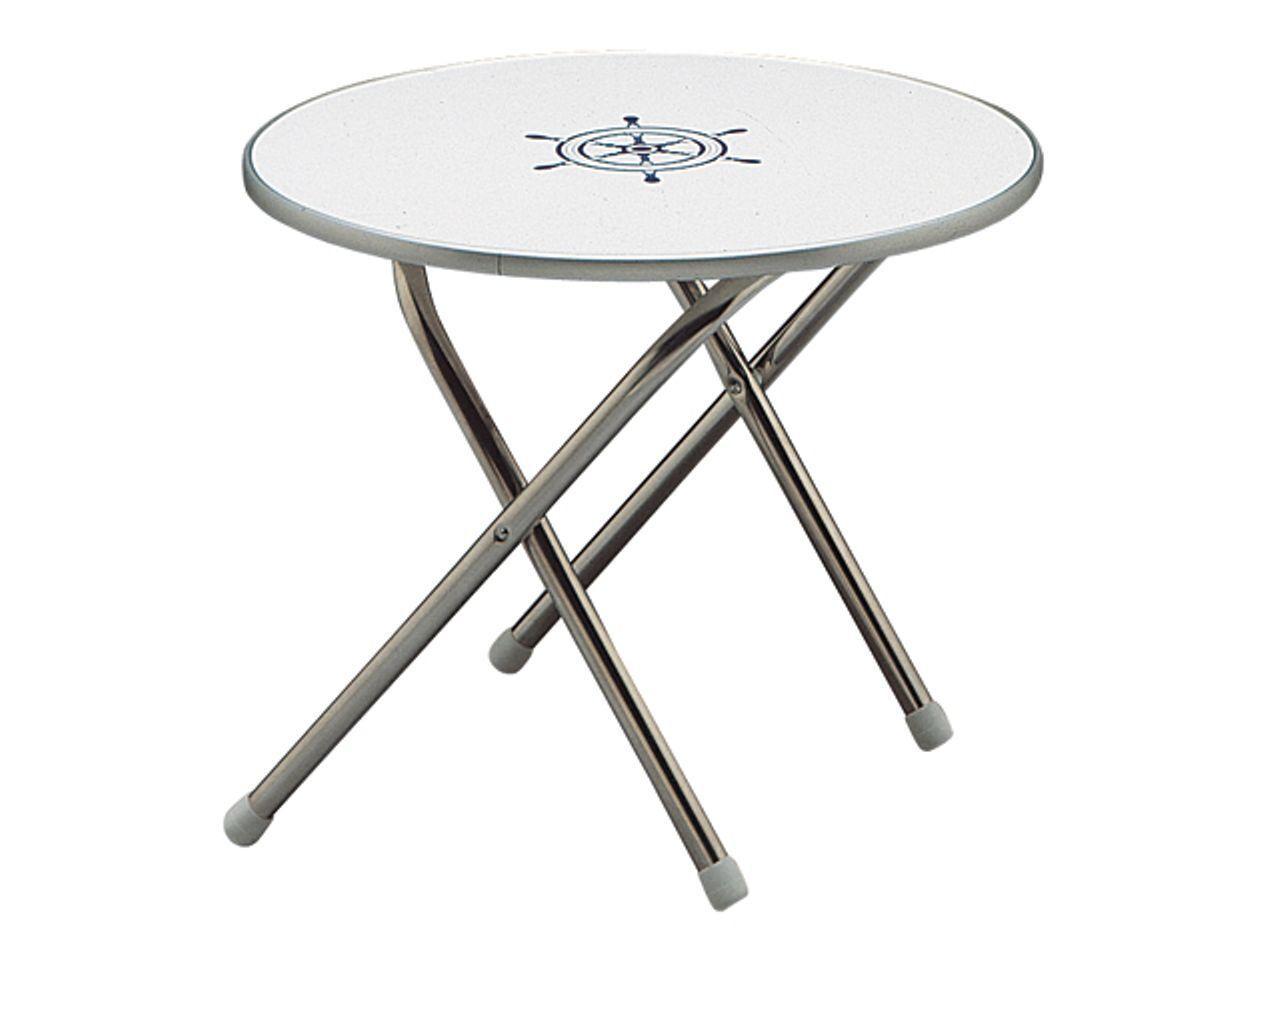 Forma mesa rojoonda m300 aluminio anodizado Cámping  mesa jardín 60cm bote balcón  nuevo sádico